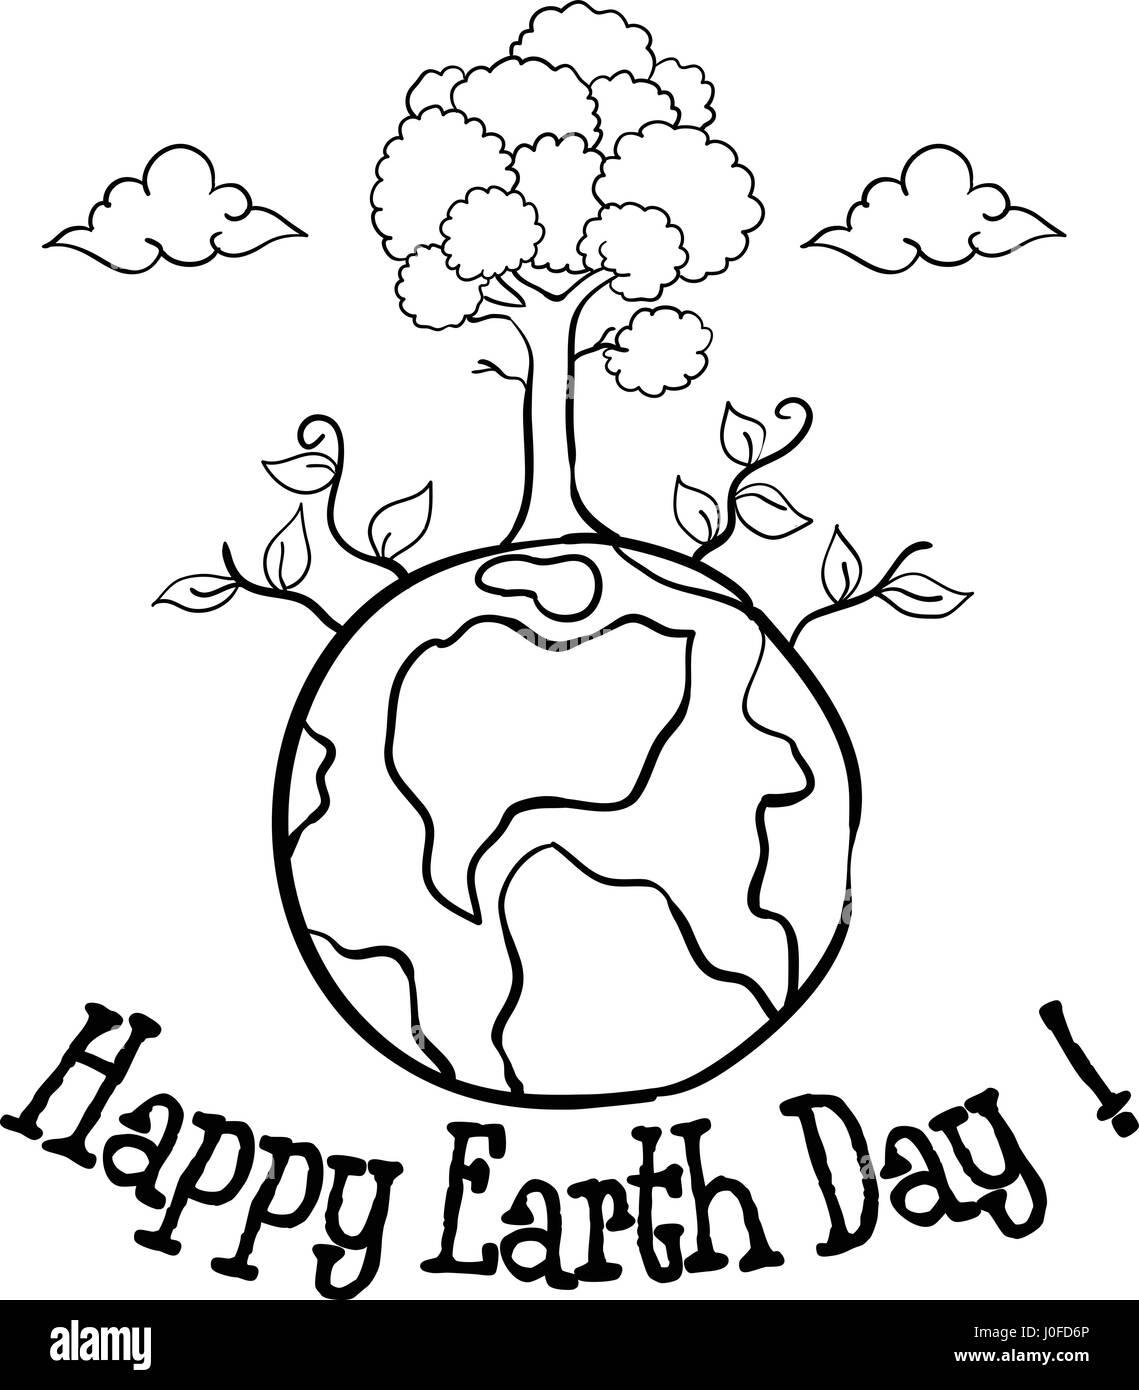 Feliz Día de la tierra con el árbol dibujar a mano Imagen De Stock